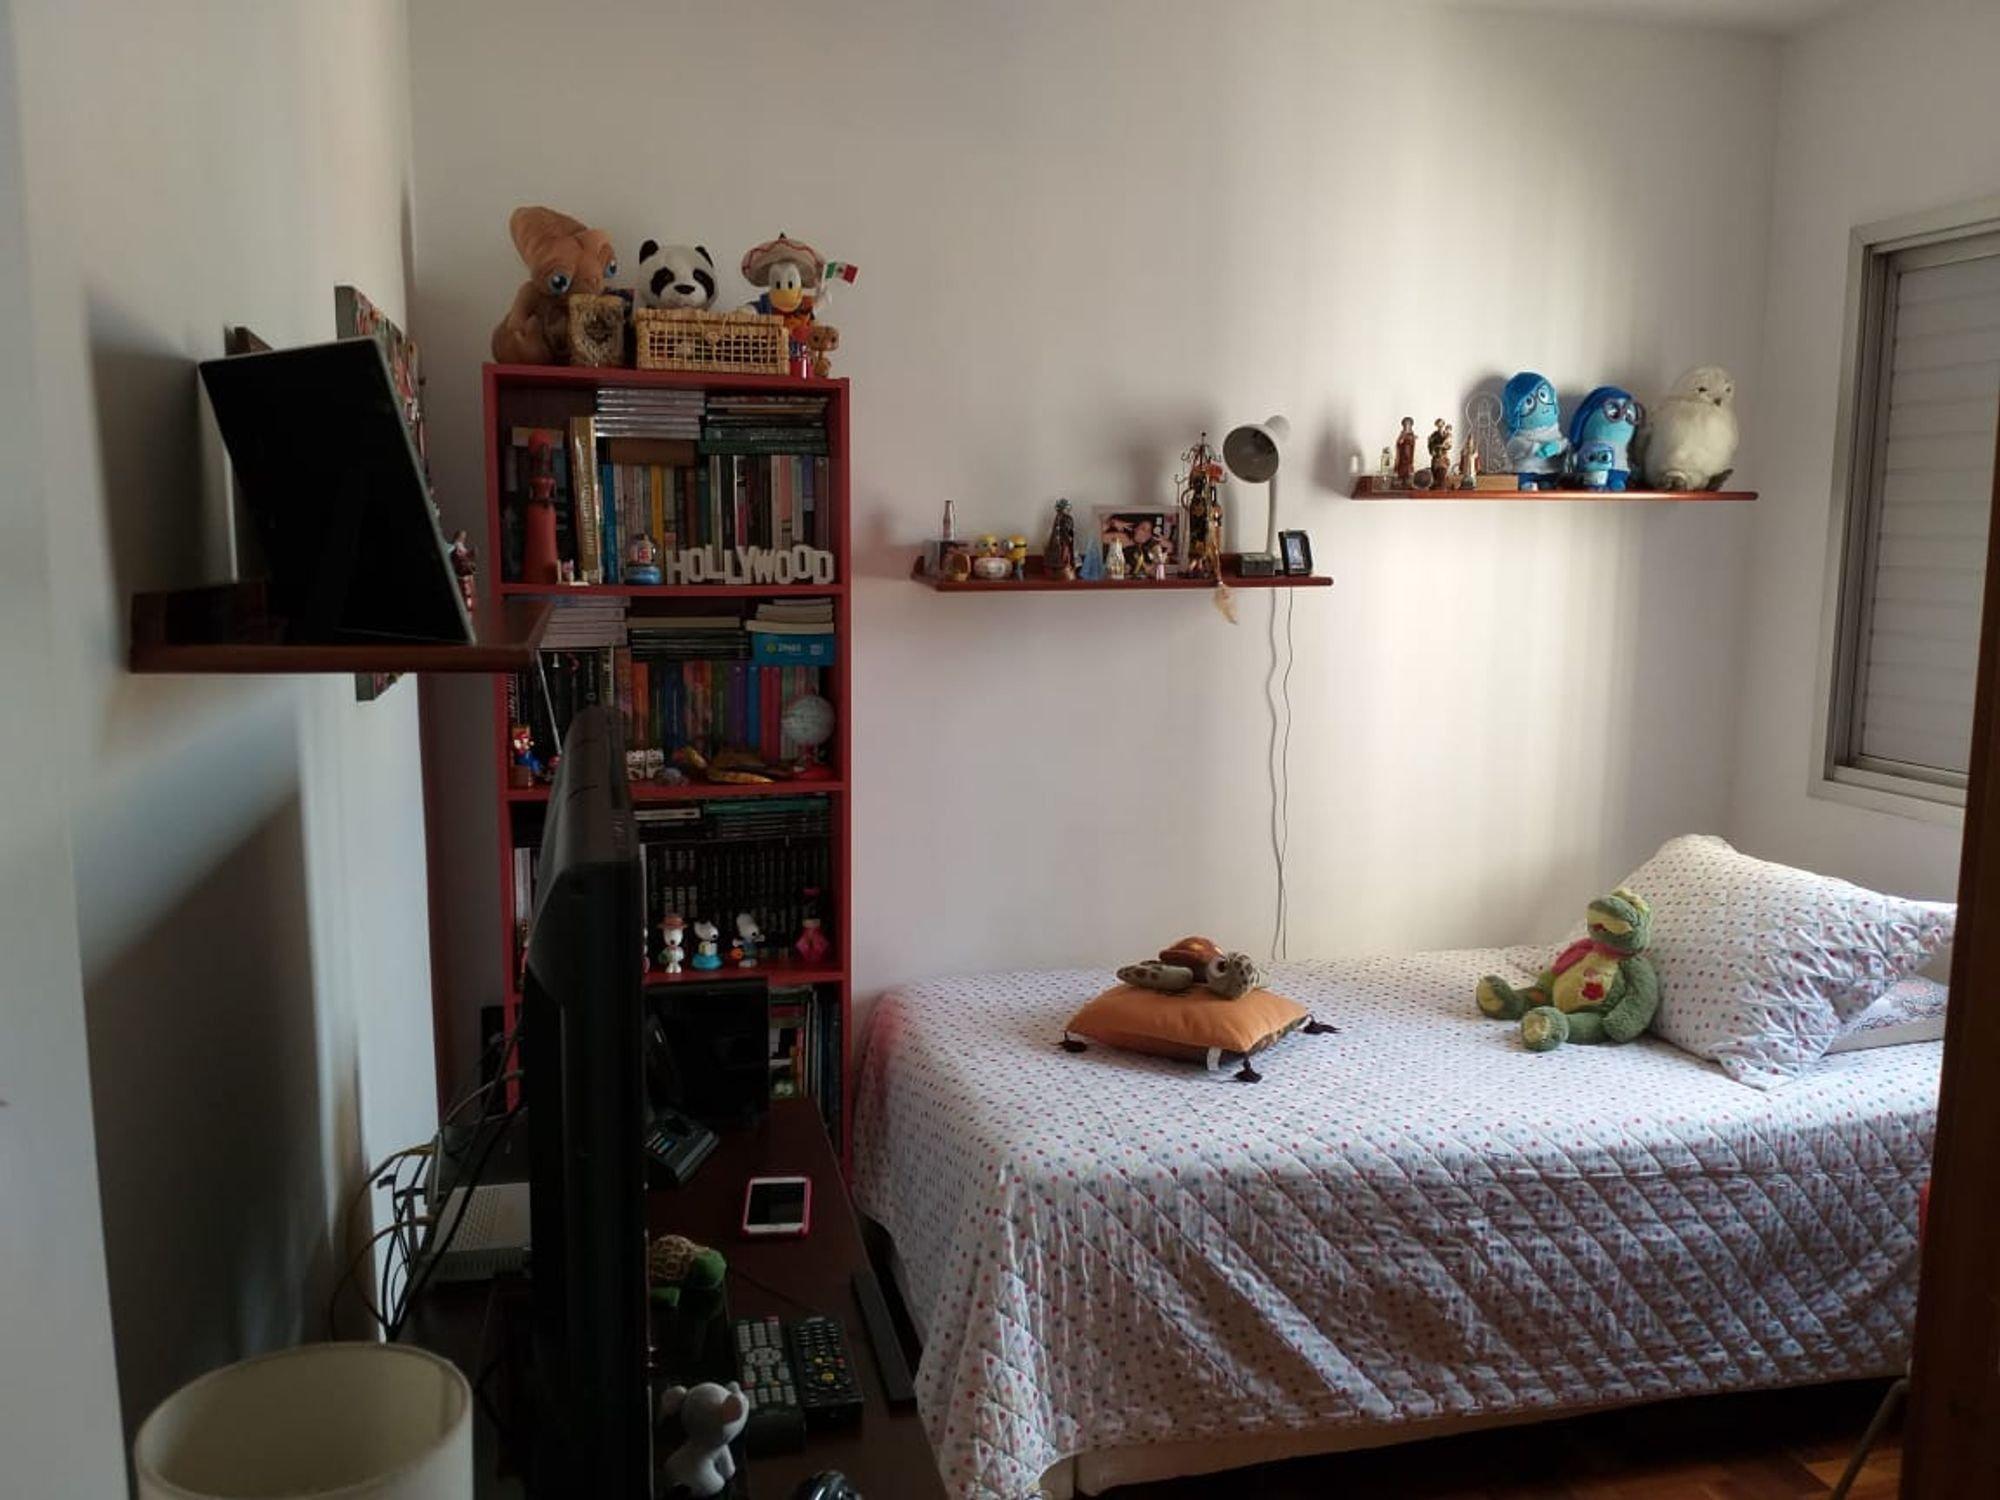 Foto de Quarto com cama, urso teddy, livro